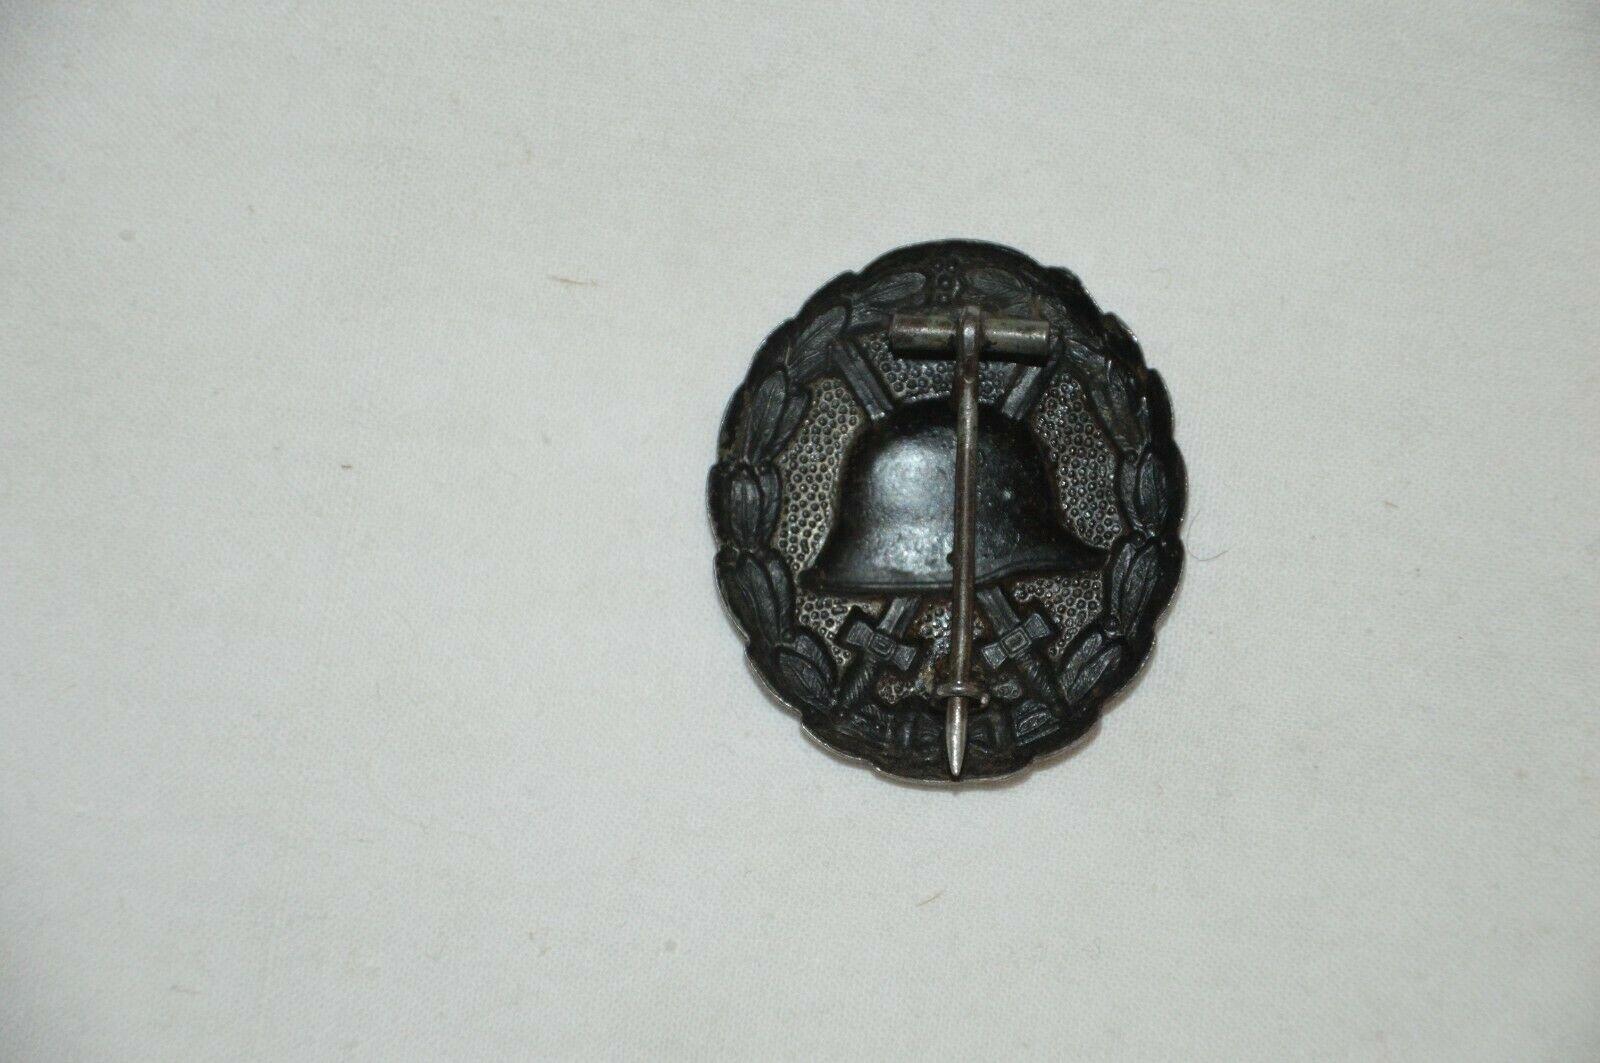 insigne des bléssés allemand  200510102342691388